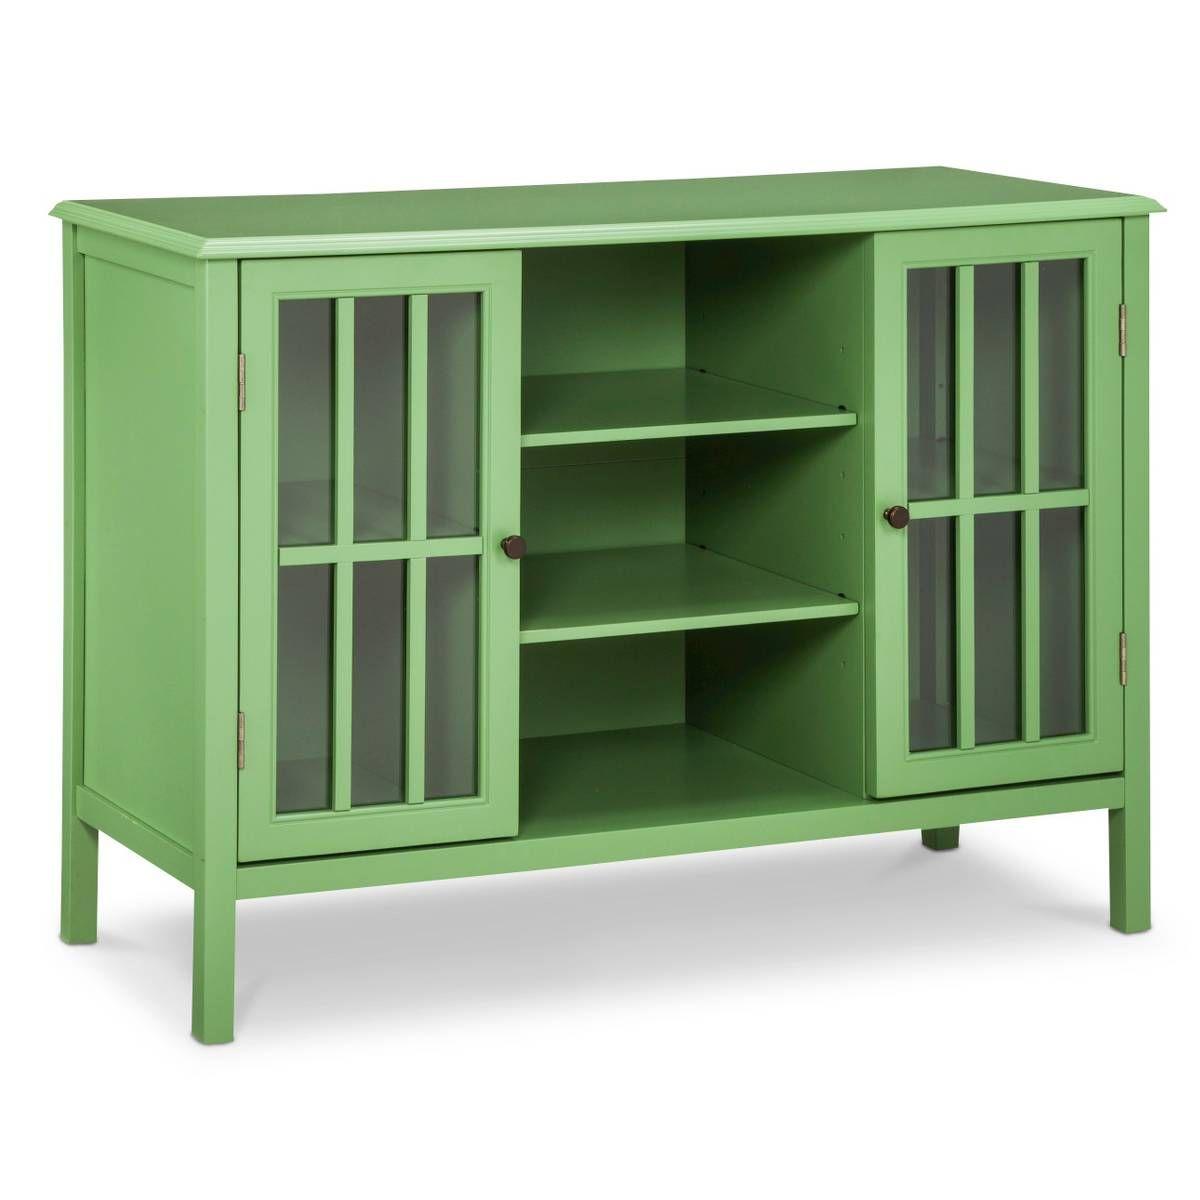 $178.49 Sale Reg: $209.99 Windham 2 Door Cabinet With Shelves   Threshold™  In Green